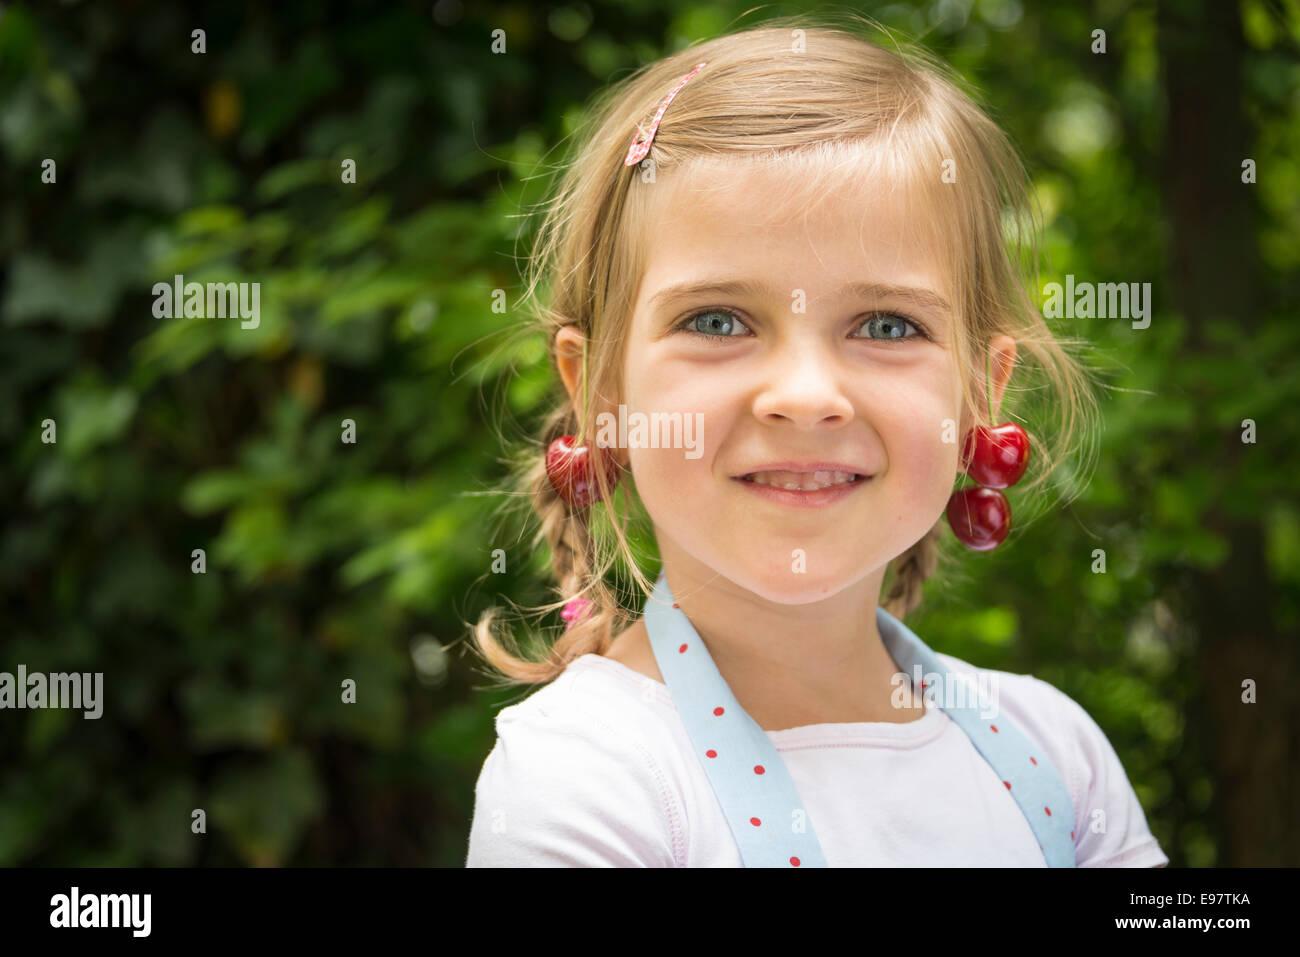 Ritratto di bambina, ciliegie penzolante dal suo orecchio Immagini Stock